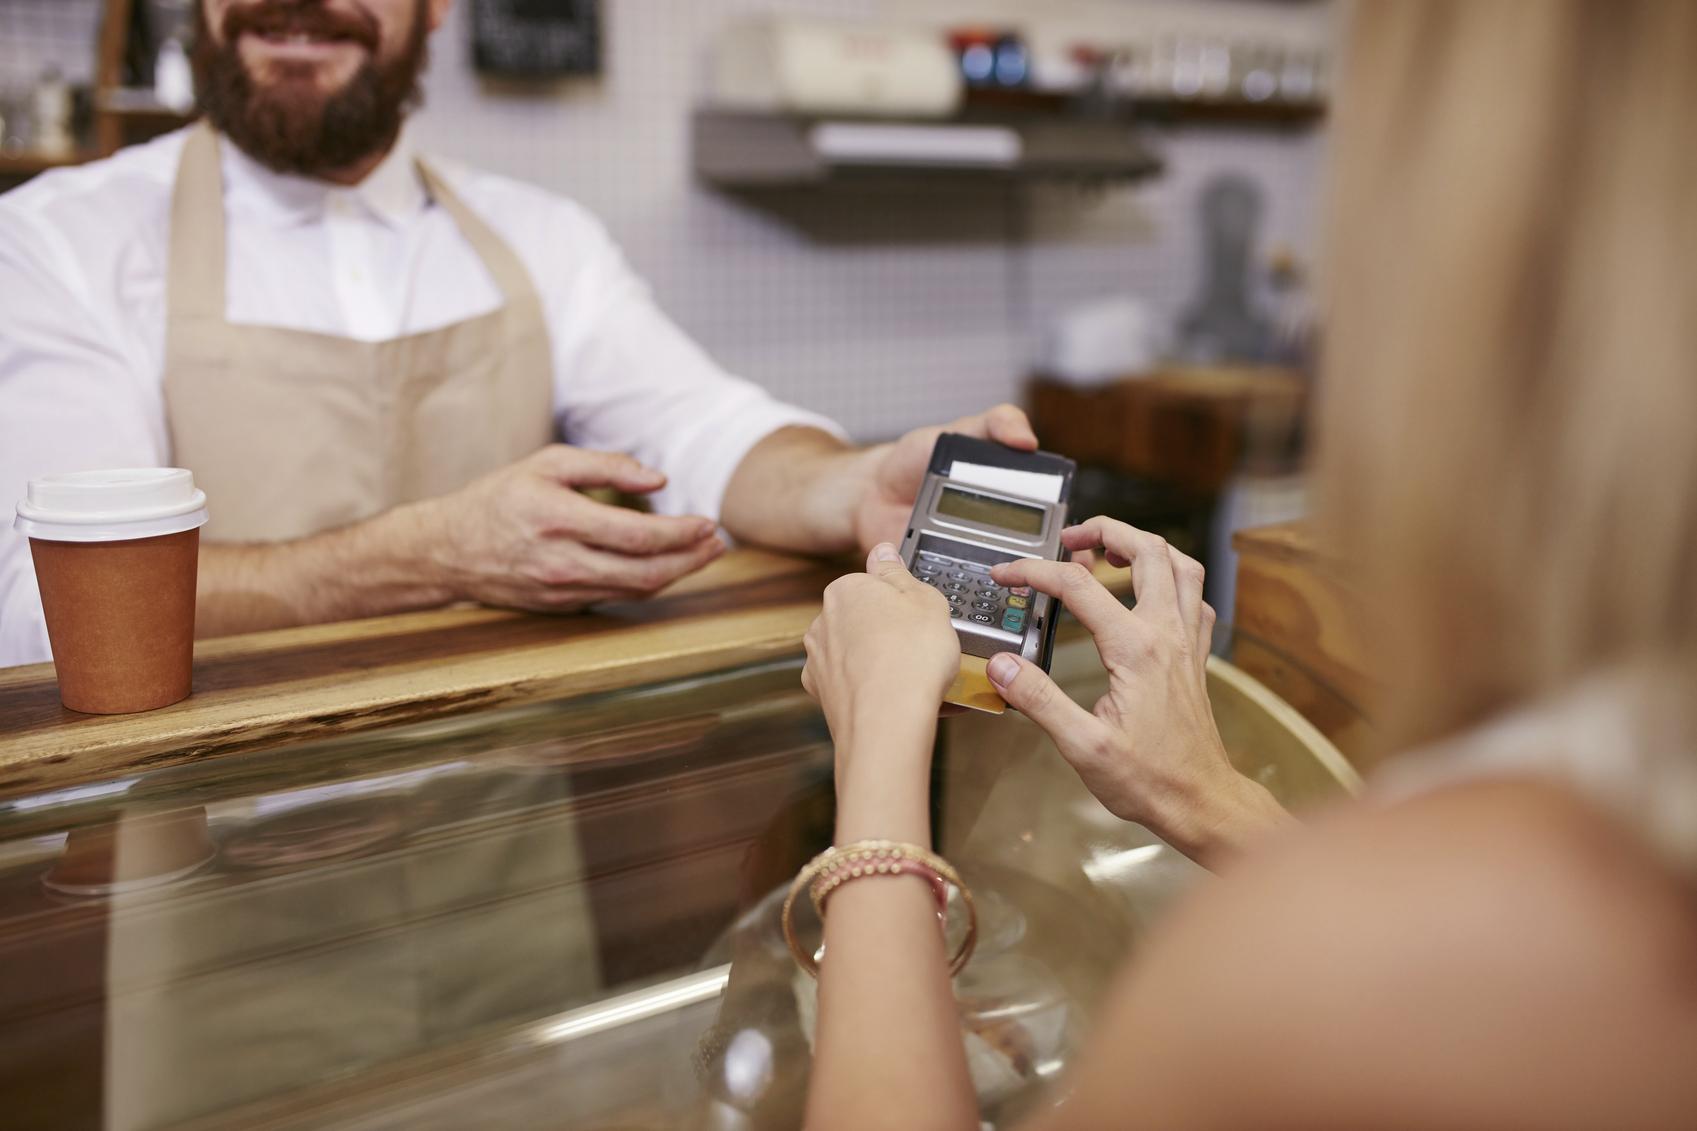 4 ways to make tipping less awkward